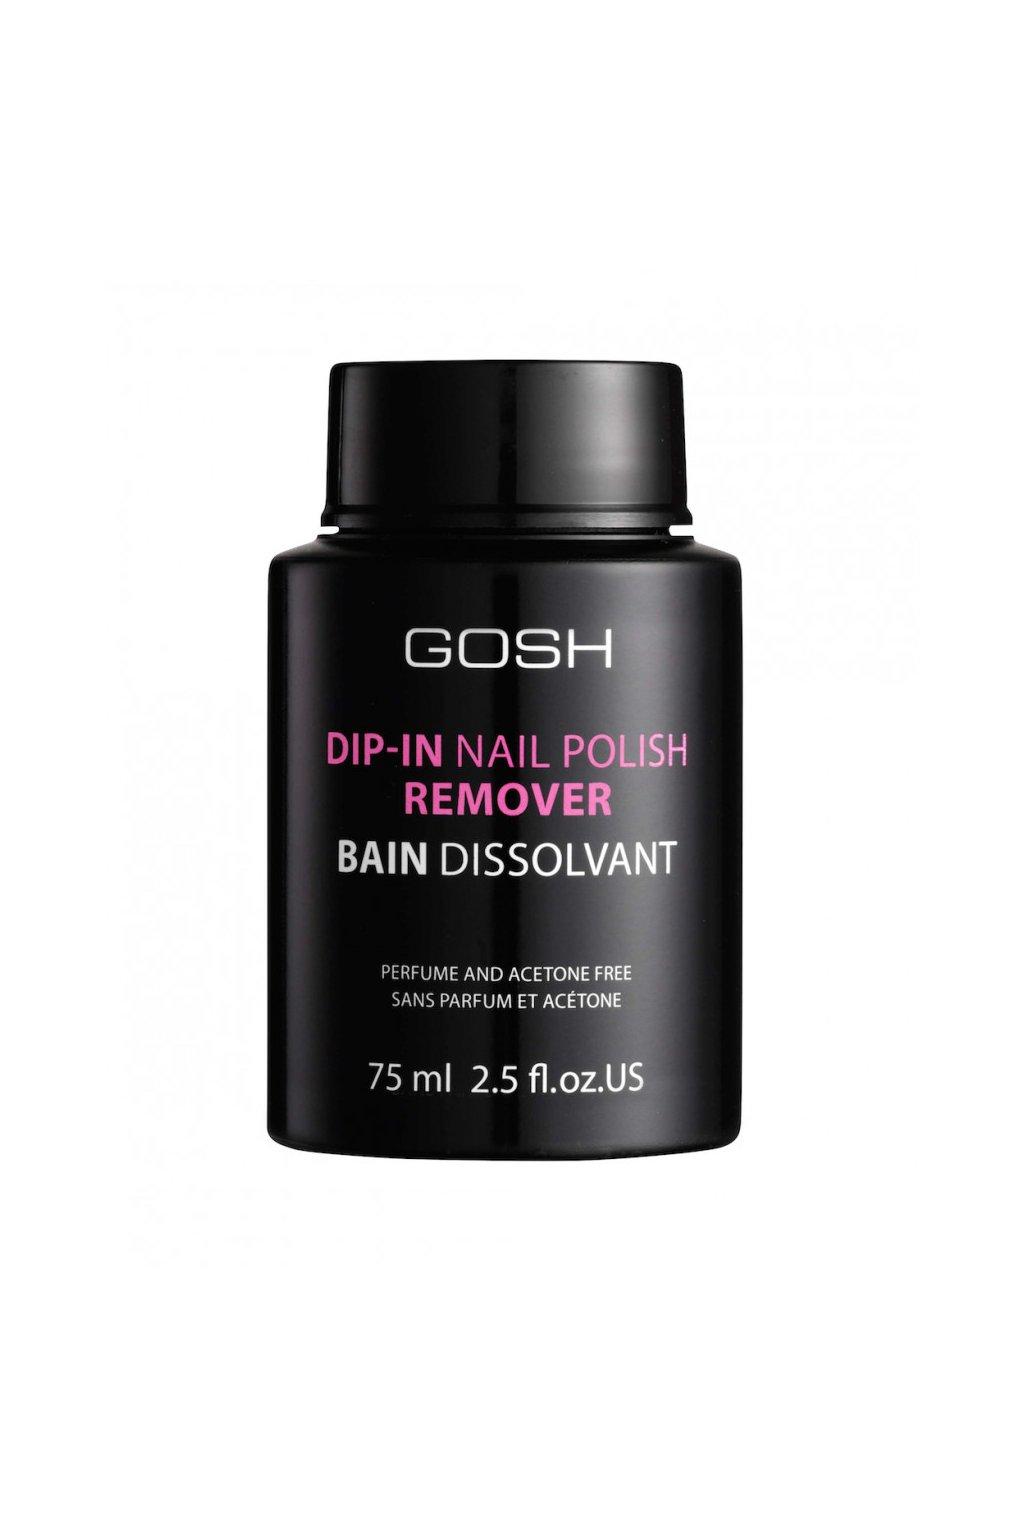 gosh Dip in Nail Polish Remover odlakovac nehtu